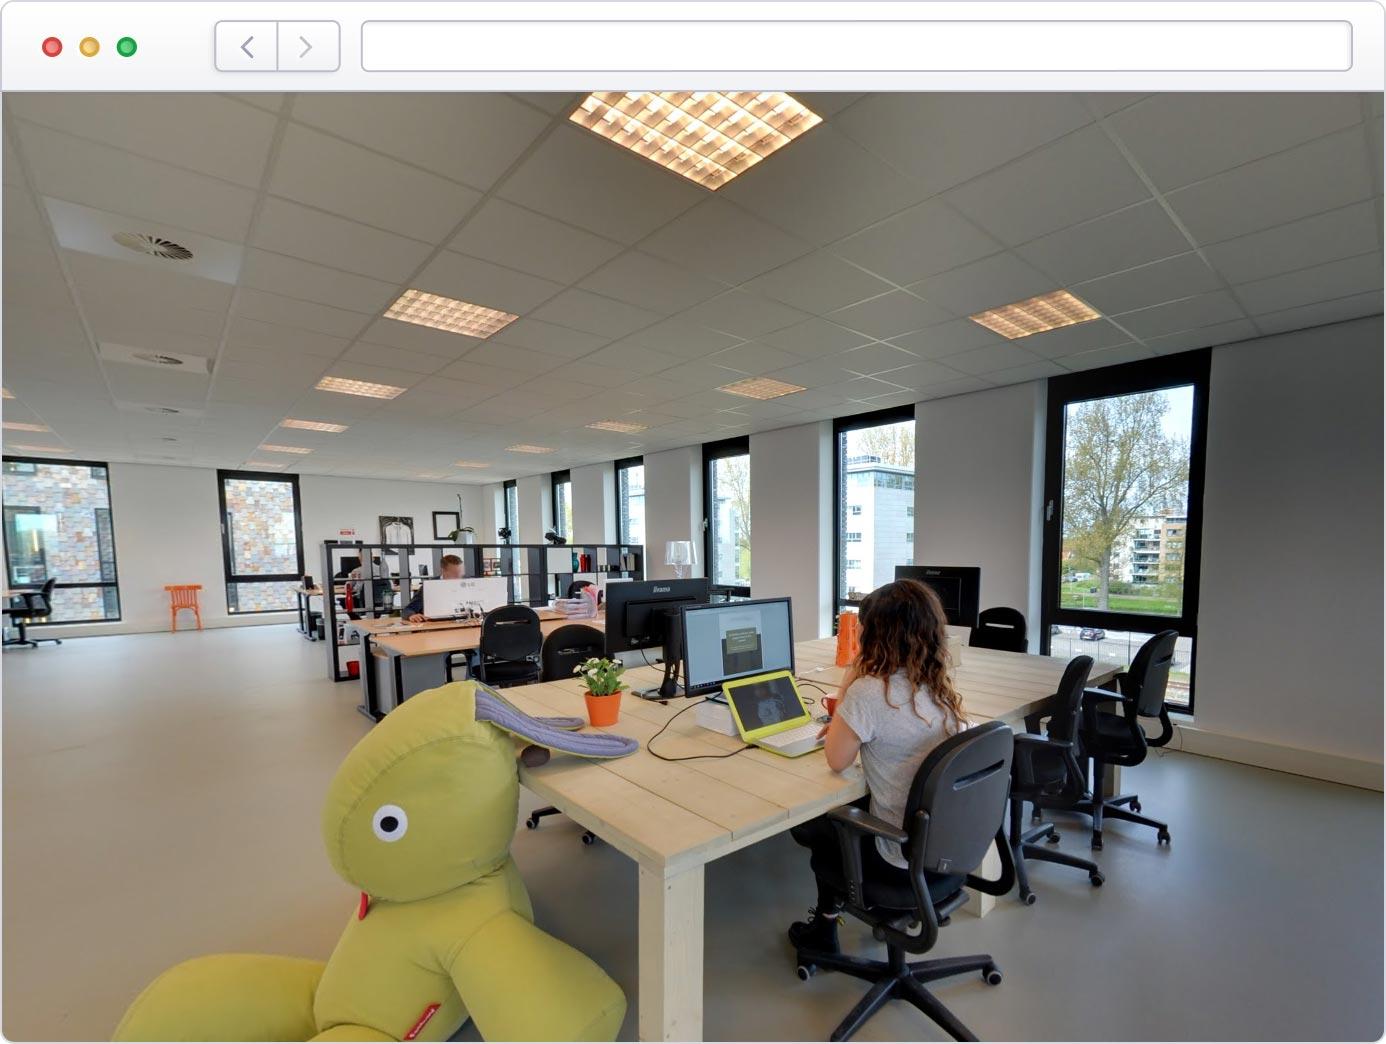 Bedrijfsimpressie op Google Business View